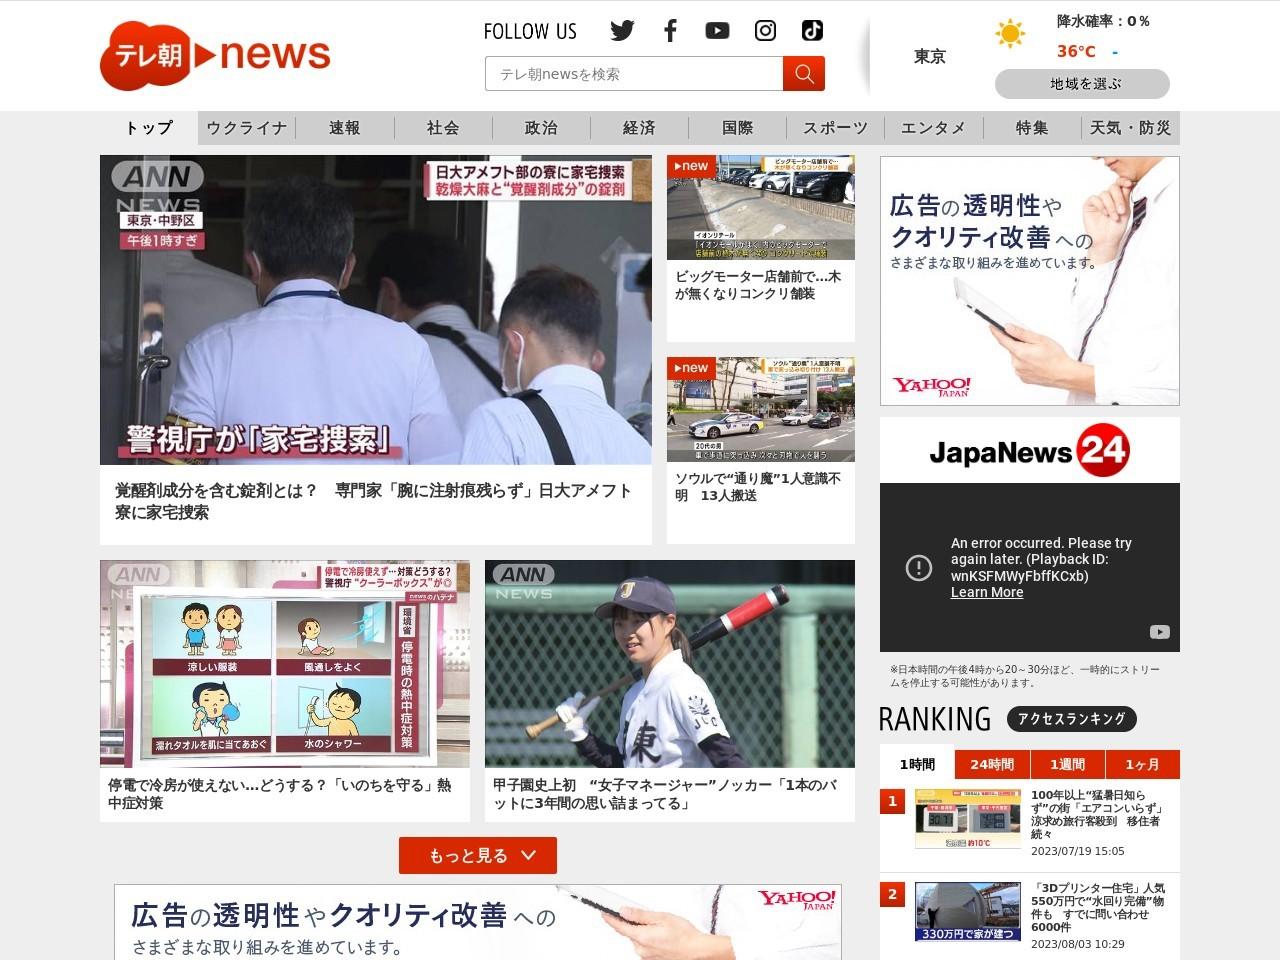 千葉で新たに488人感染確認…過去最多 新型コロナ|テレ朝news-テレビ朝日のニュースサイト